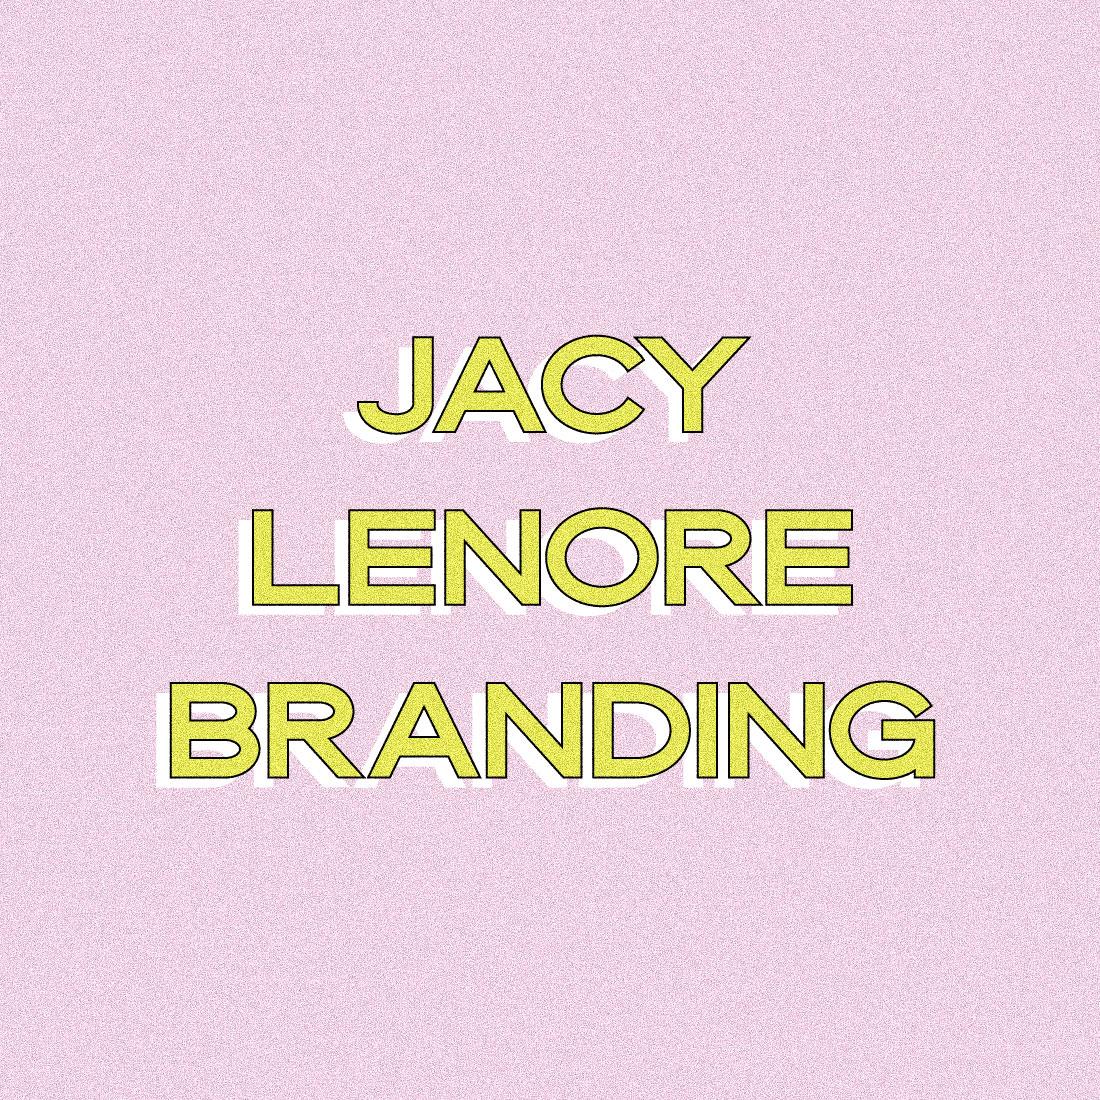 JACY LENORE BRANDING >